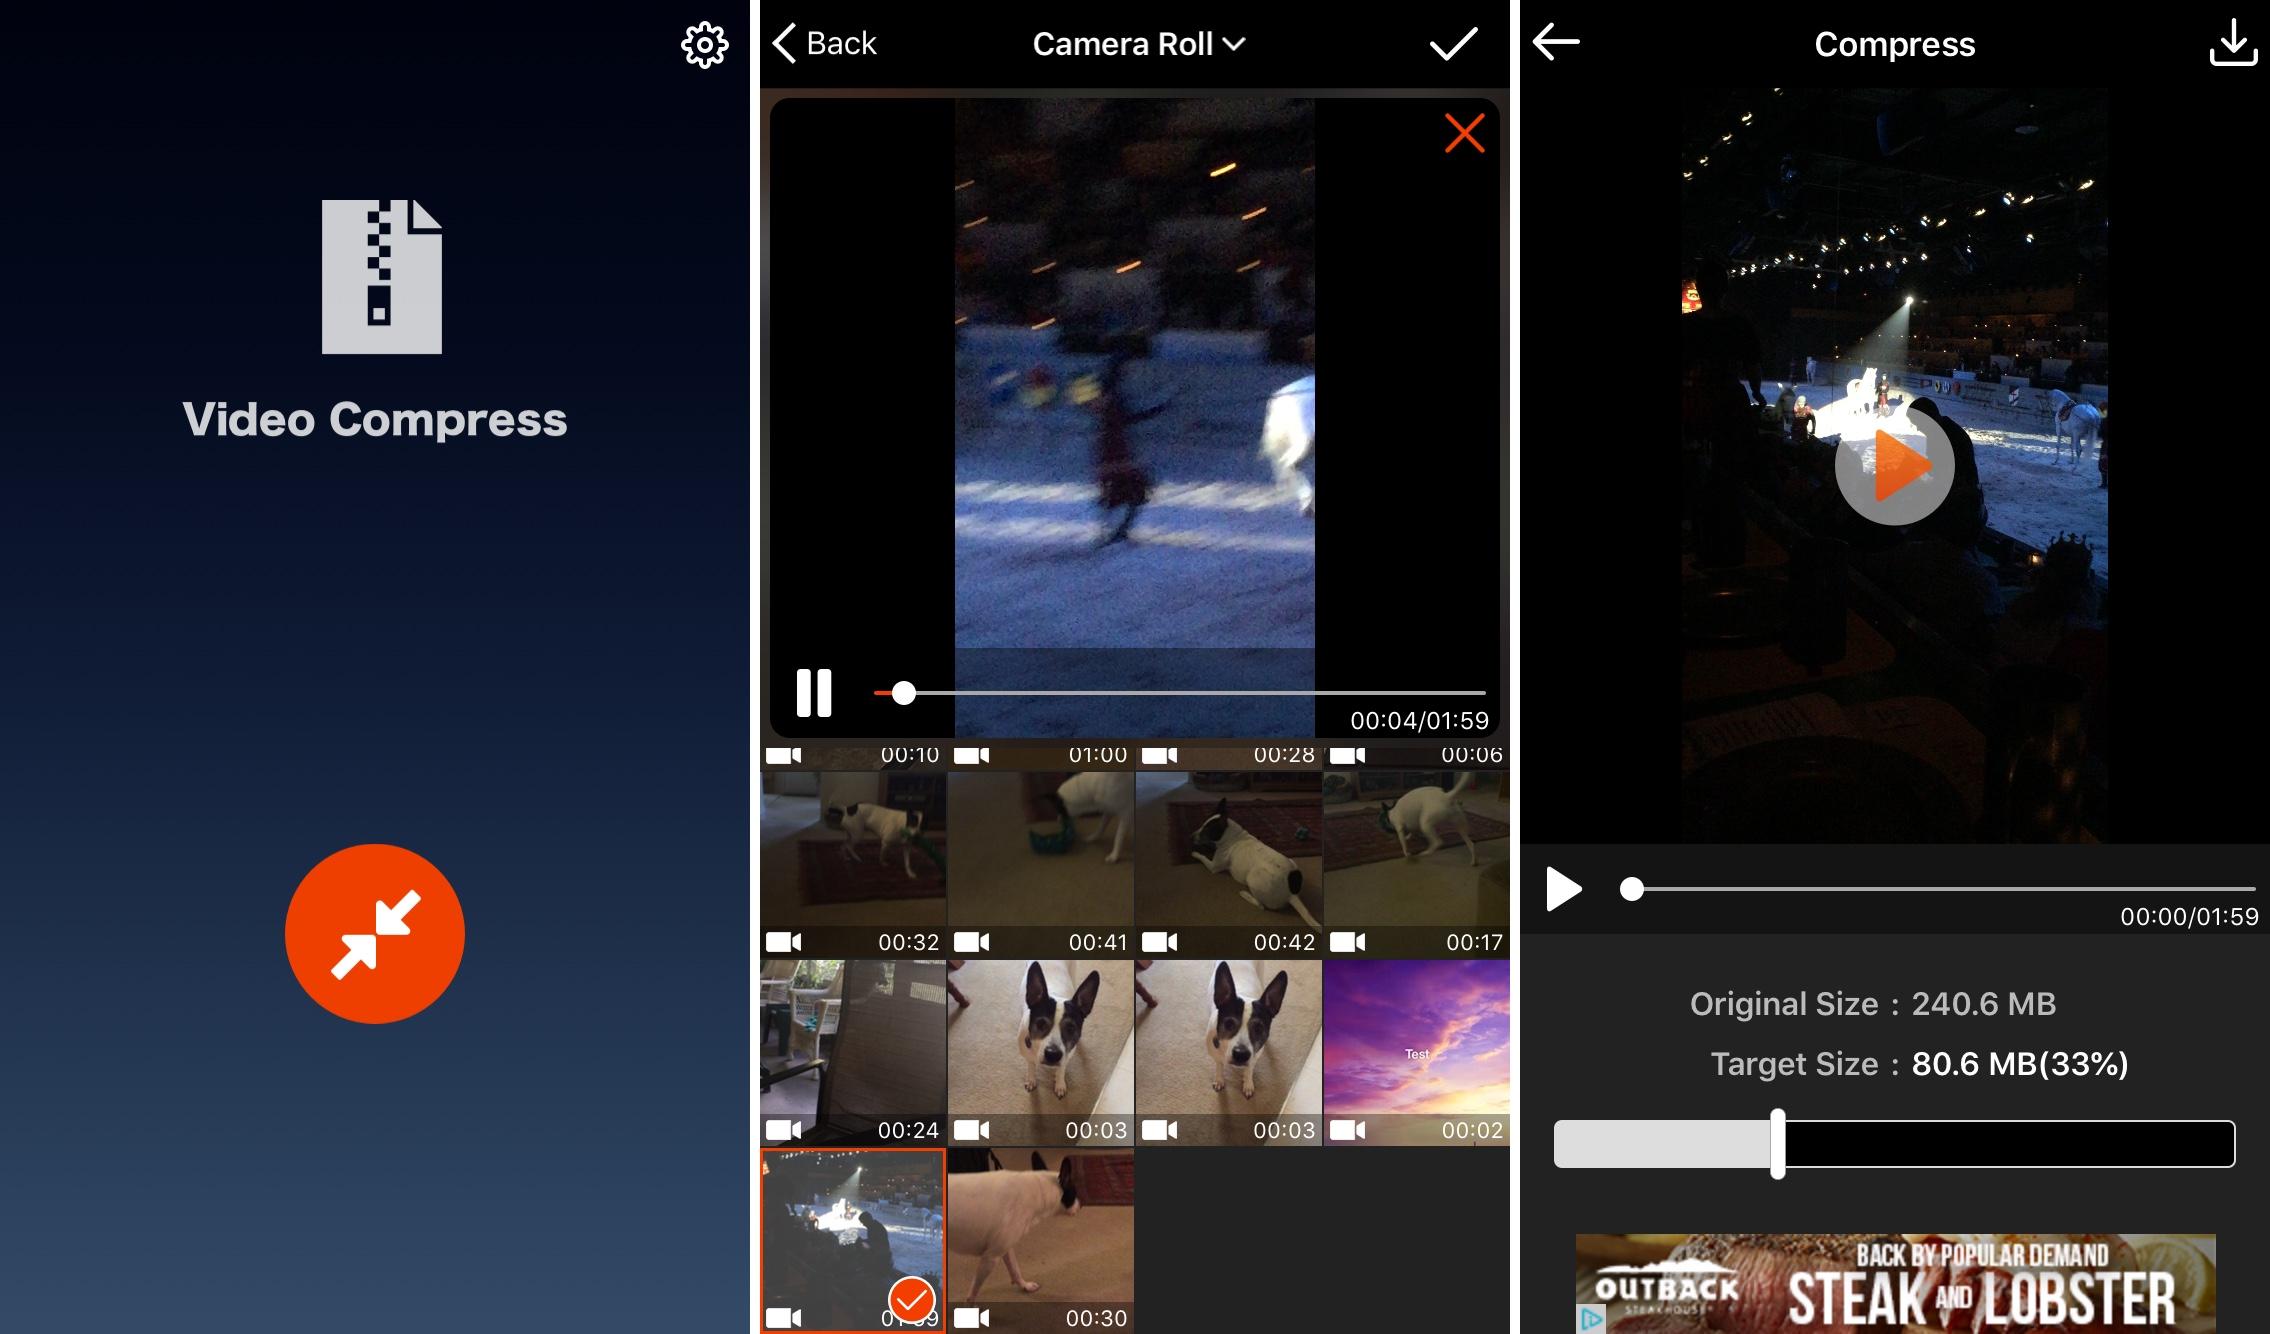 Aplicación de Video Compress en iPhone